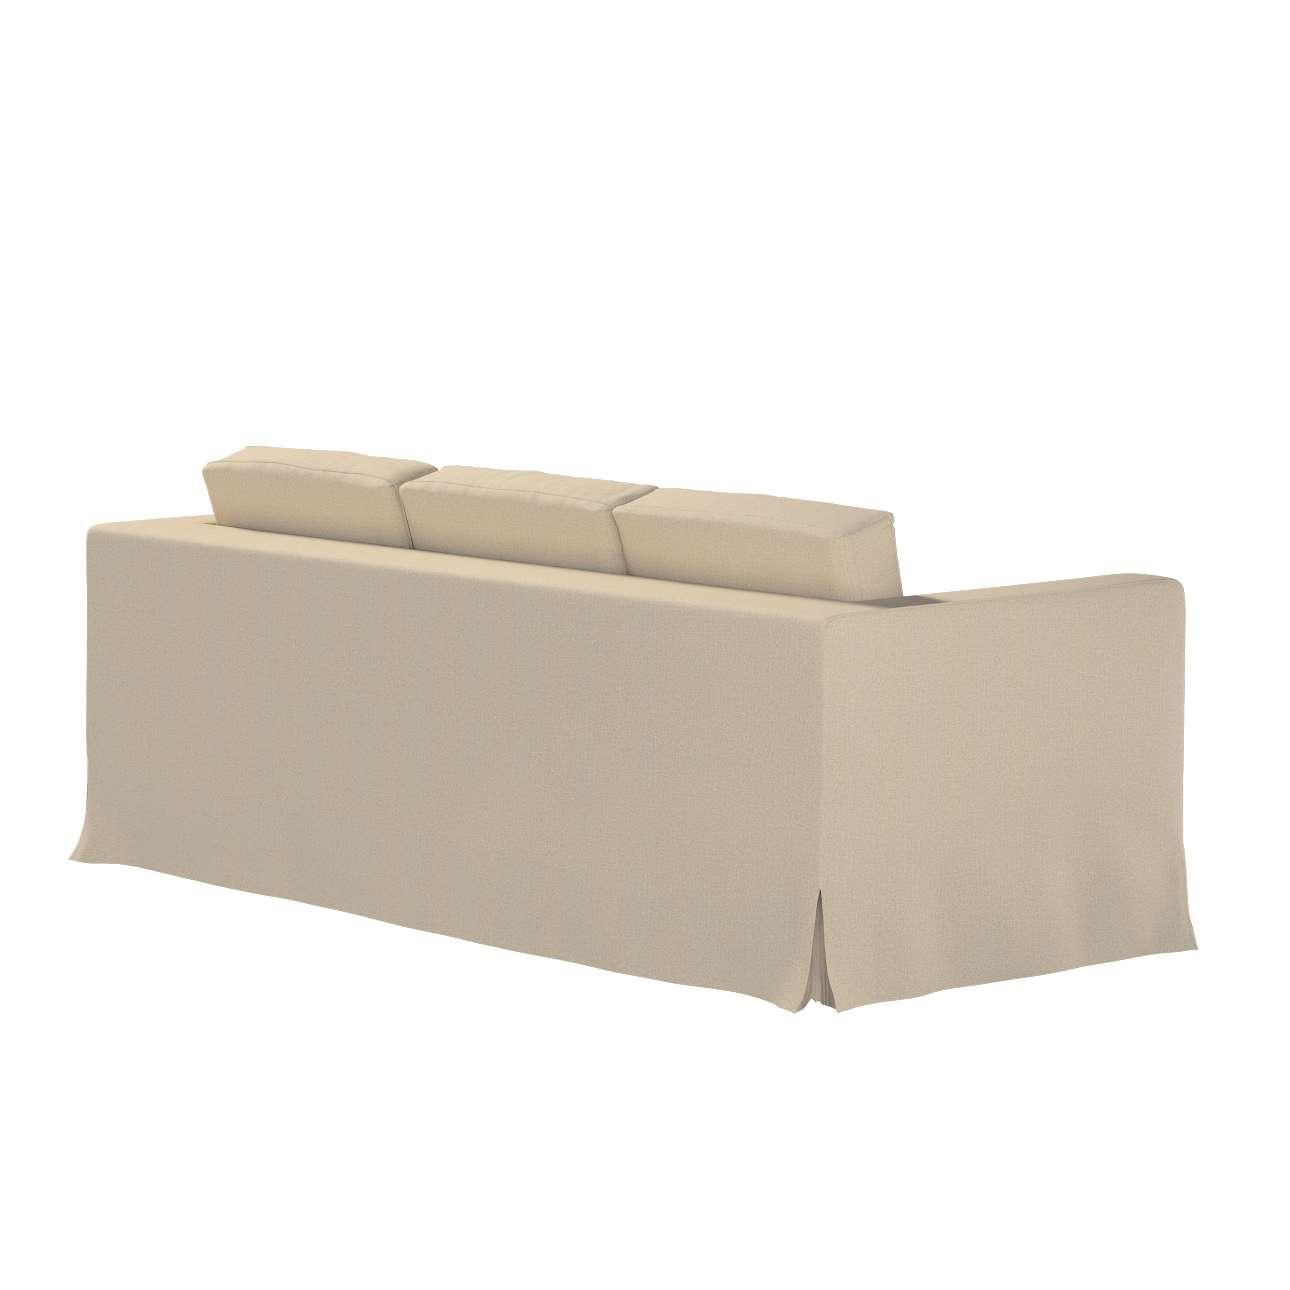 Potah na pohovku IKEA  Karlanda 3-místná nerozkládací, dlouhý v kolekci Edinburgh, látka: 115-78